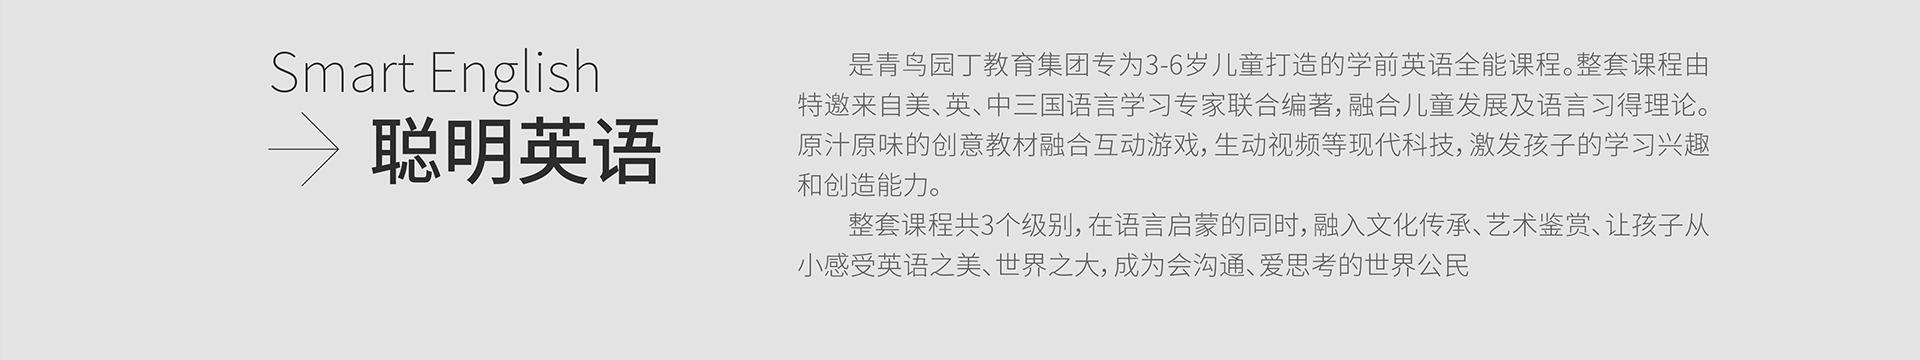 青鸟园丁学习馆qnyd_06